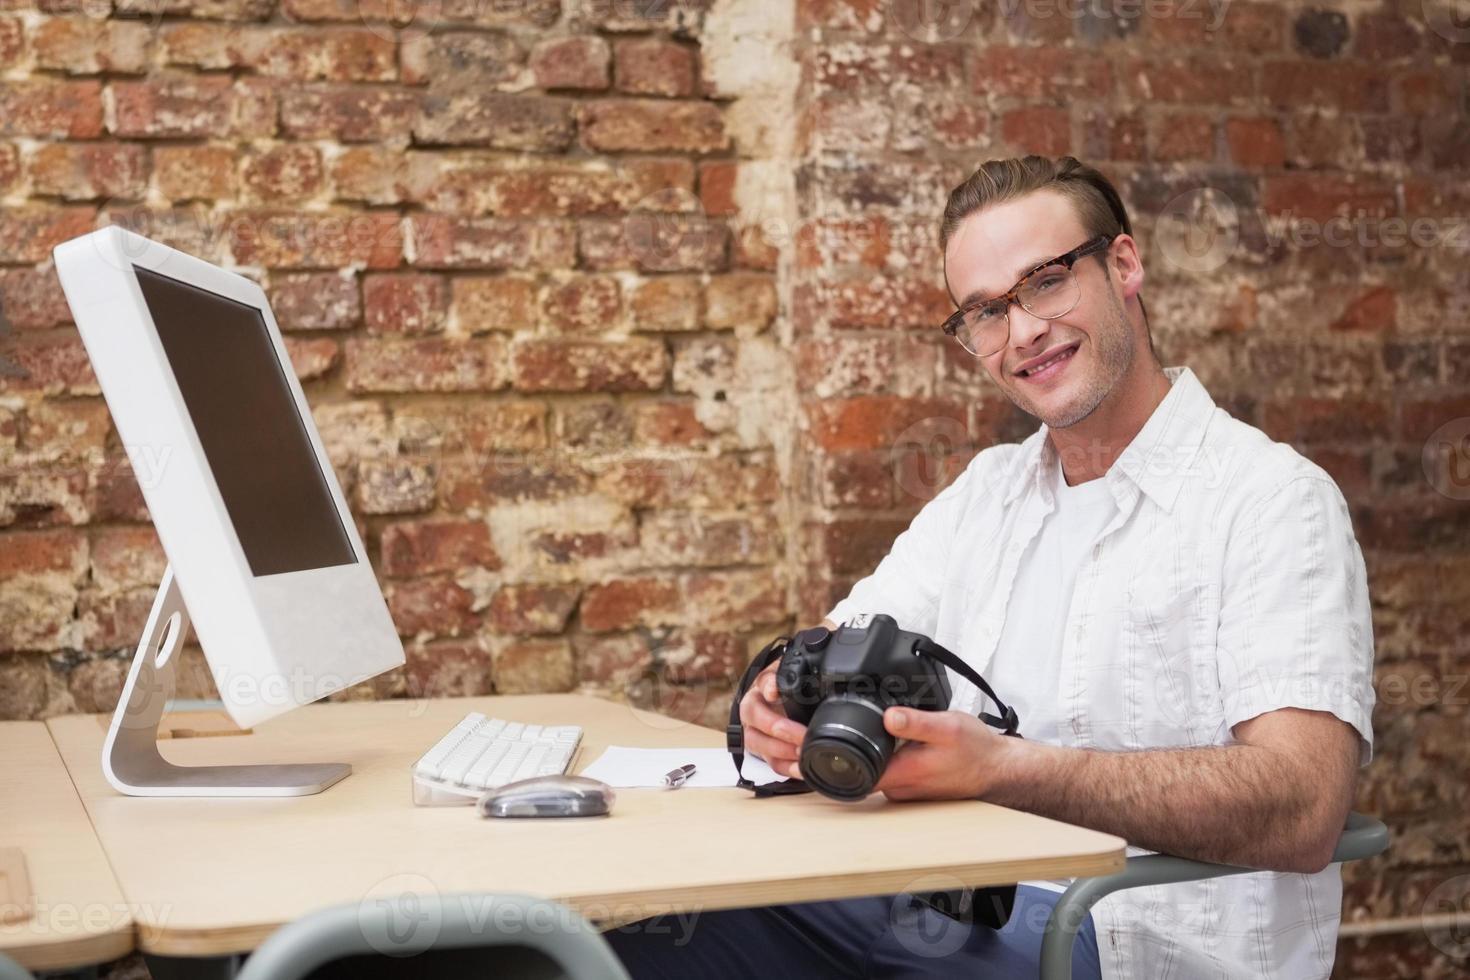 homem sorridente segurando uma câmera foto